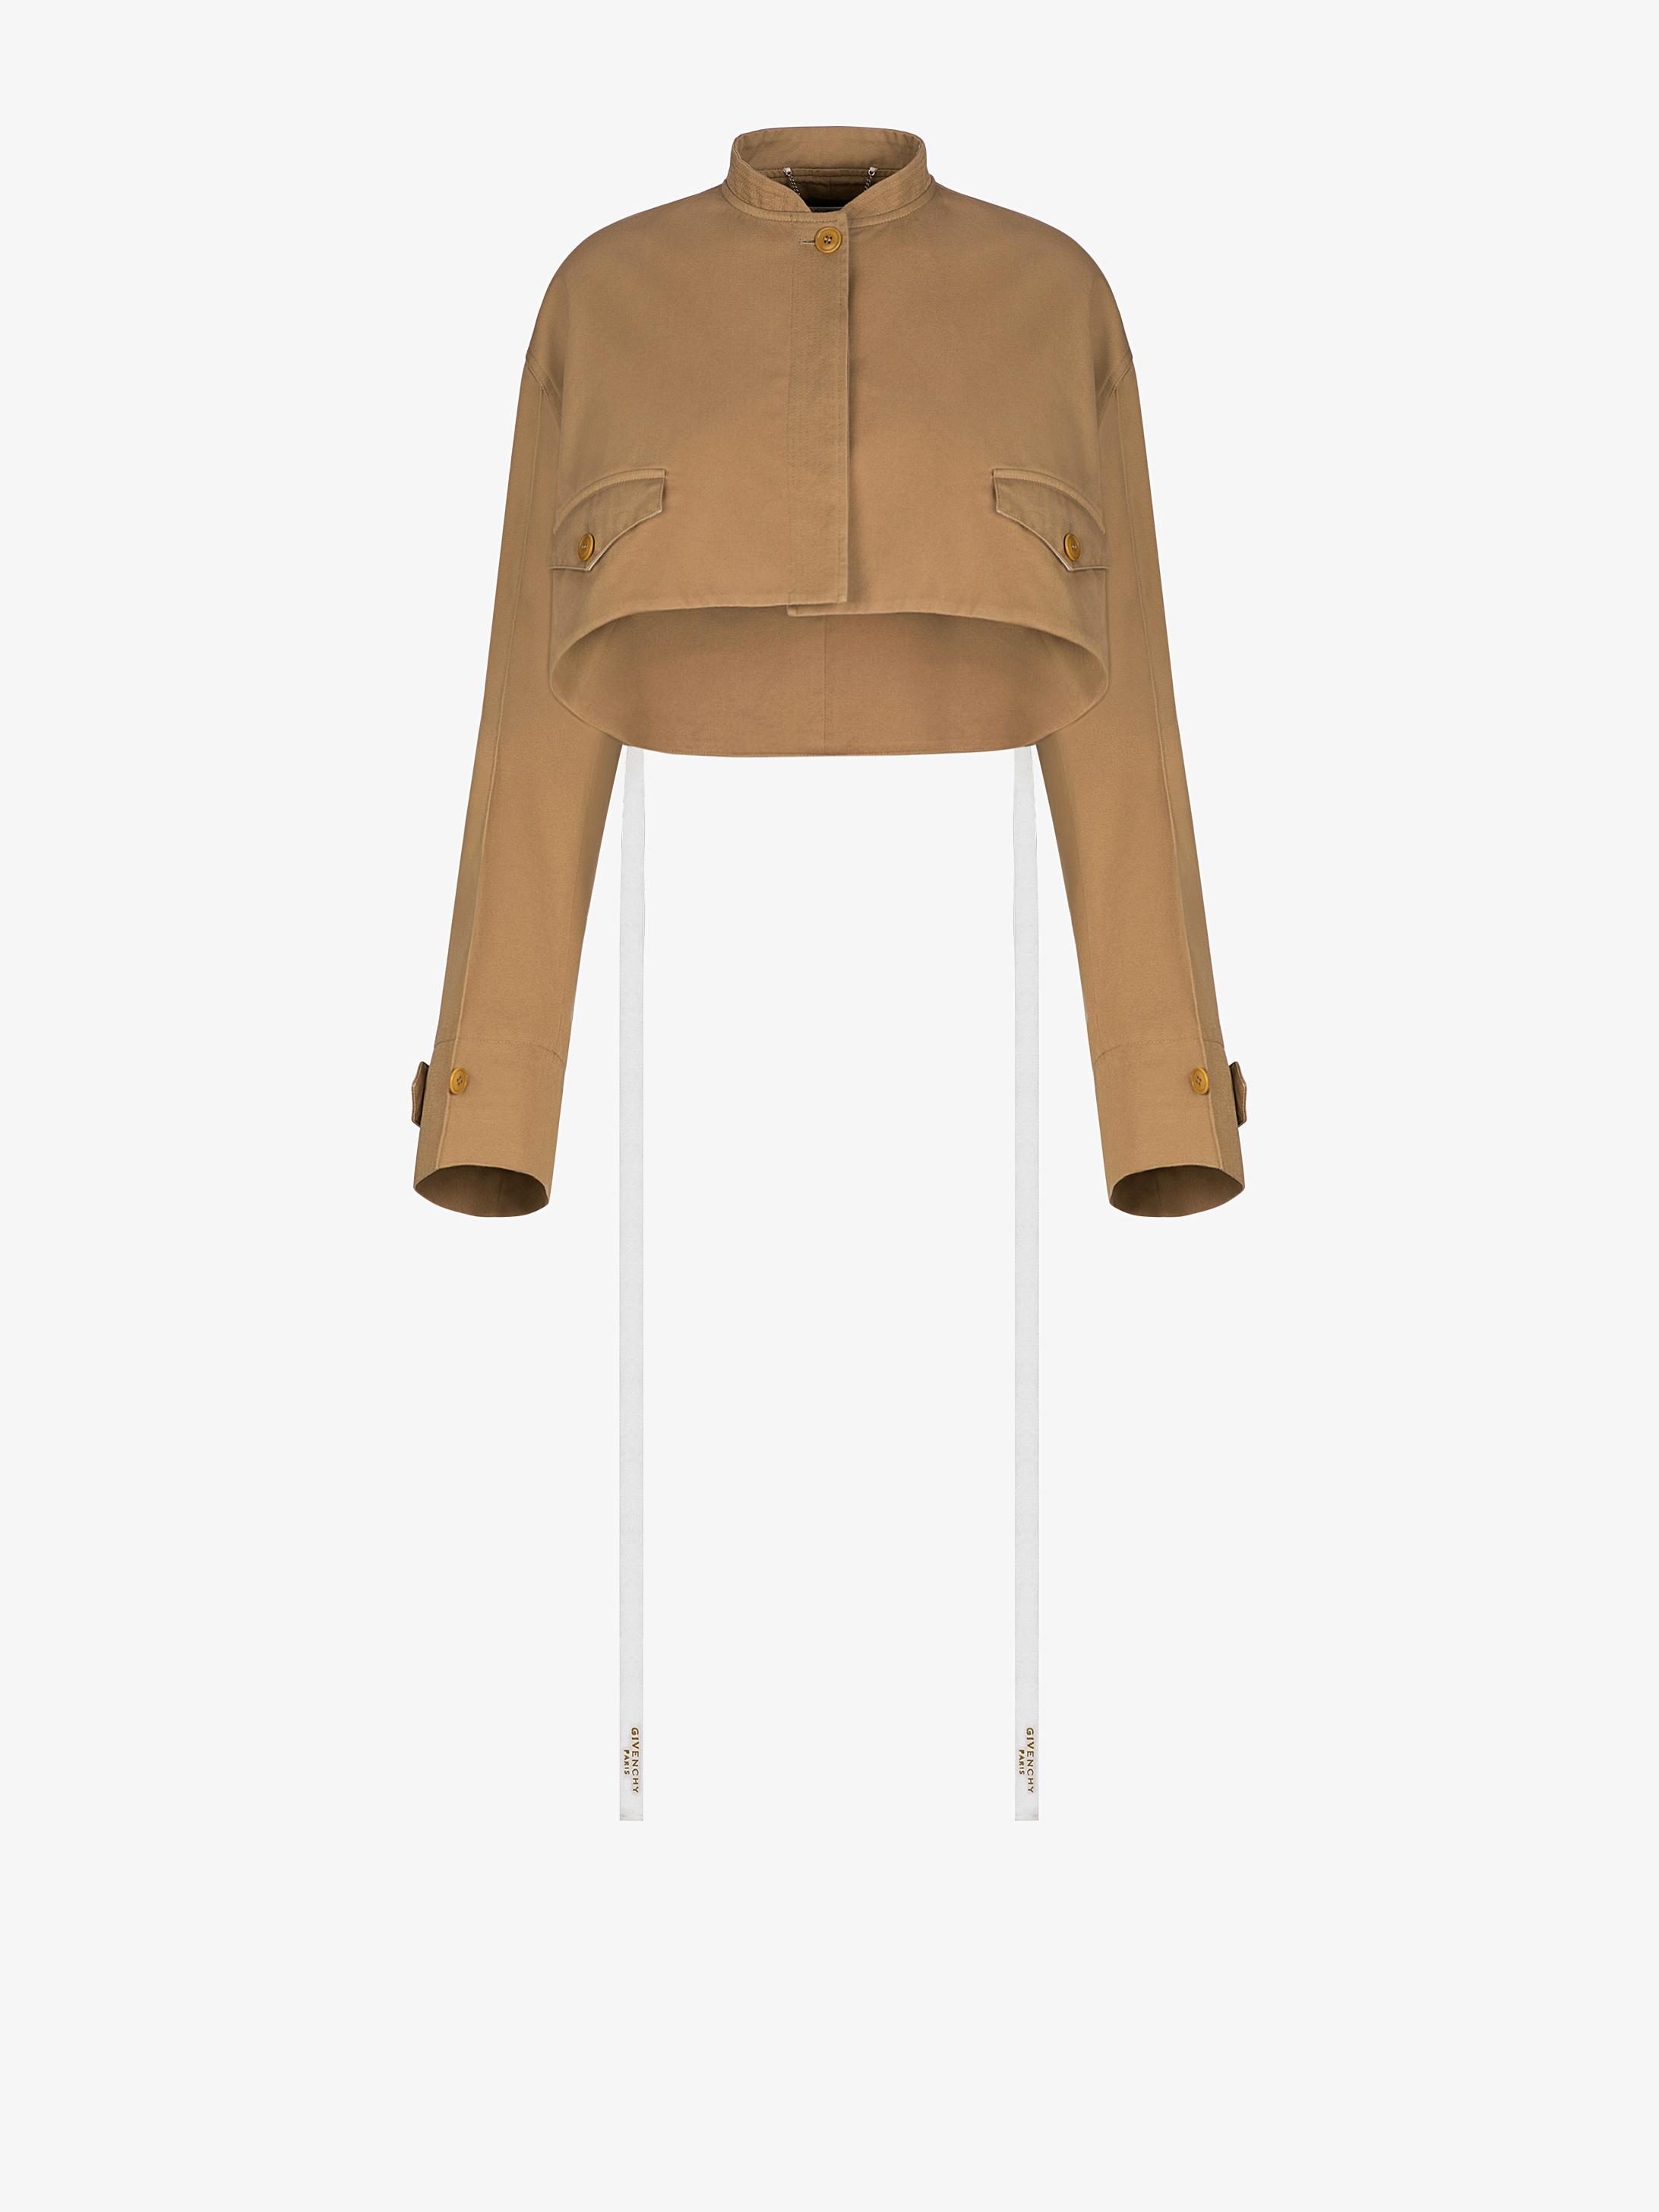 GIVENCHY PARIS short sleeves jacket with ribbons